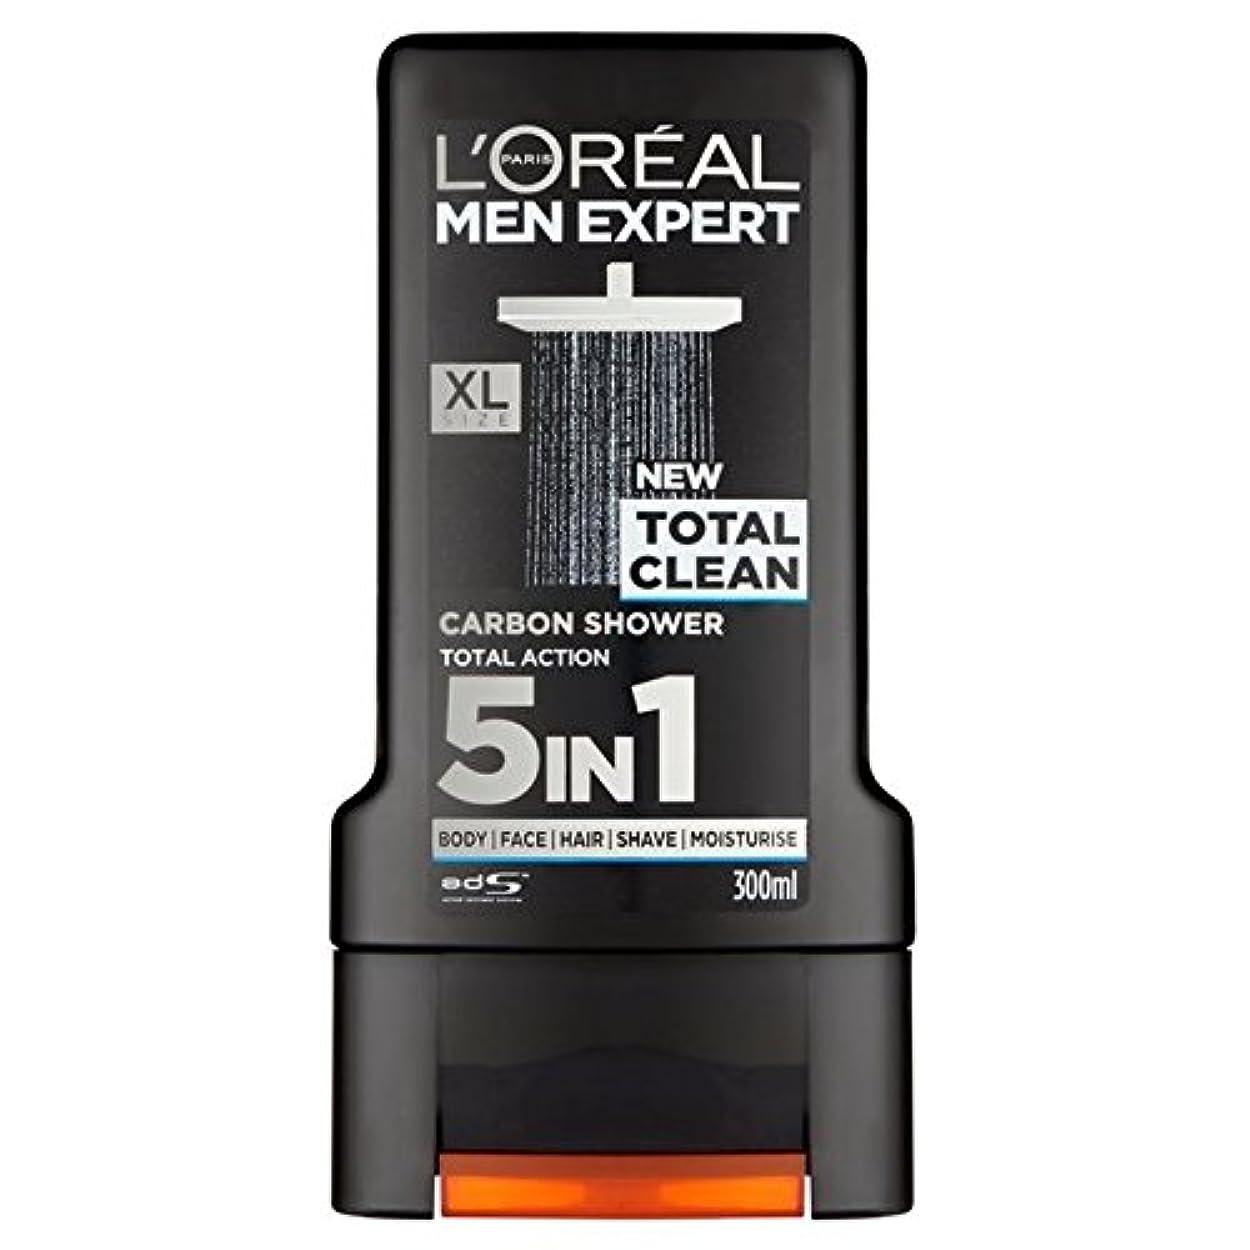 バルブ微視的金貸しロレアルパリのメンズ専門トータルクリーンシャワージェル300ミリリットル x2 - L'Oreal Paris Men Expert Total Clean Shower Gel 300ml (Pack of 2) [並行輸入品]